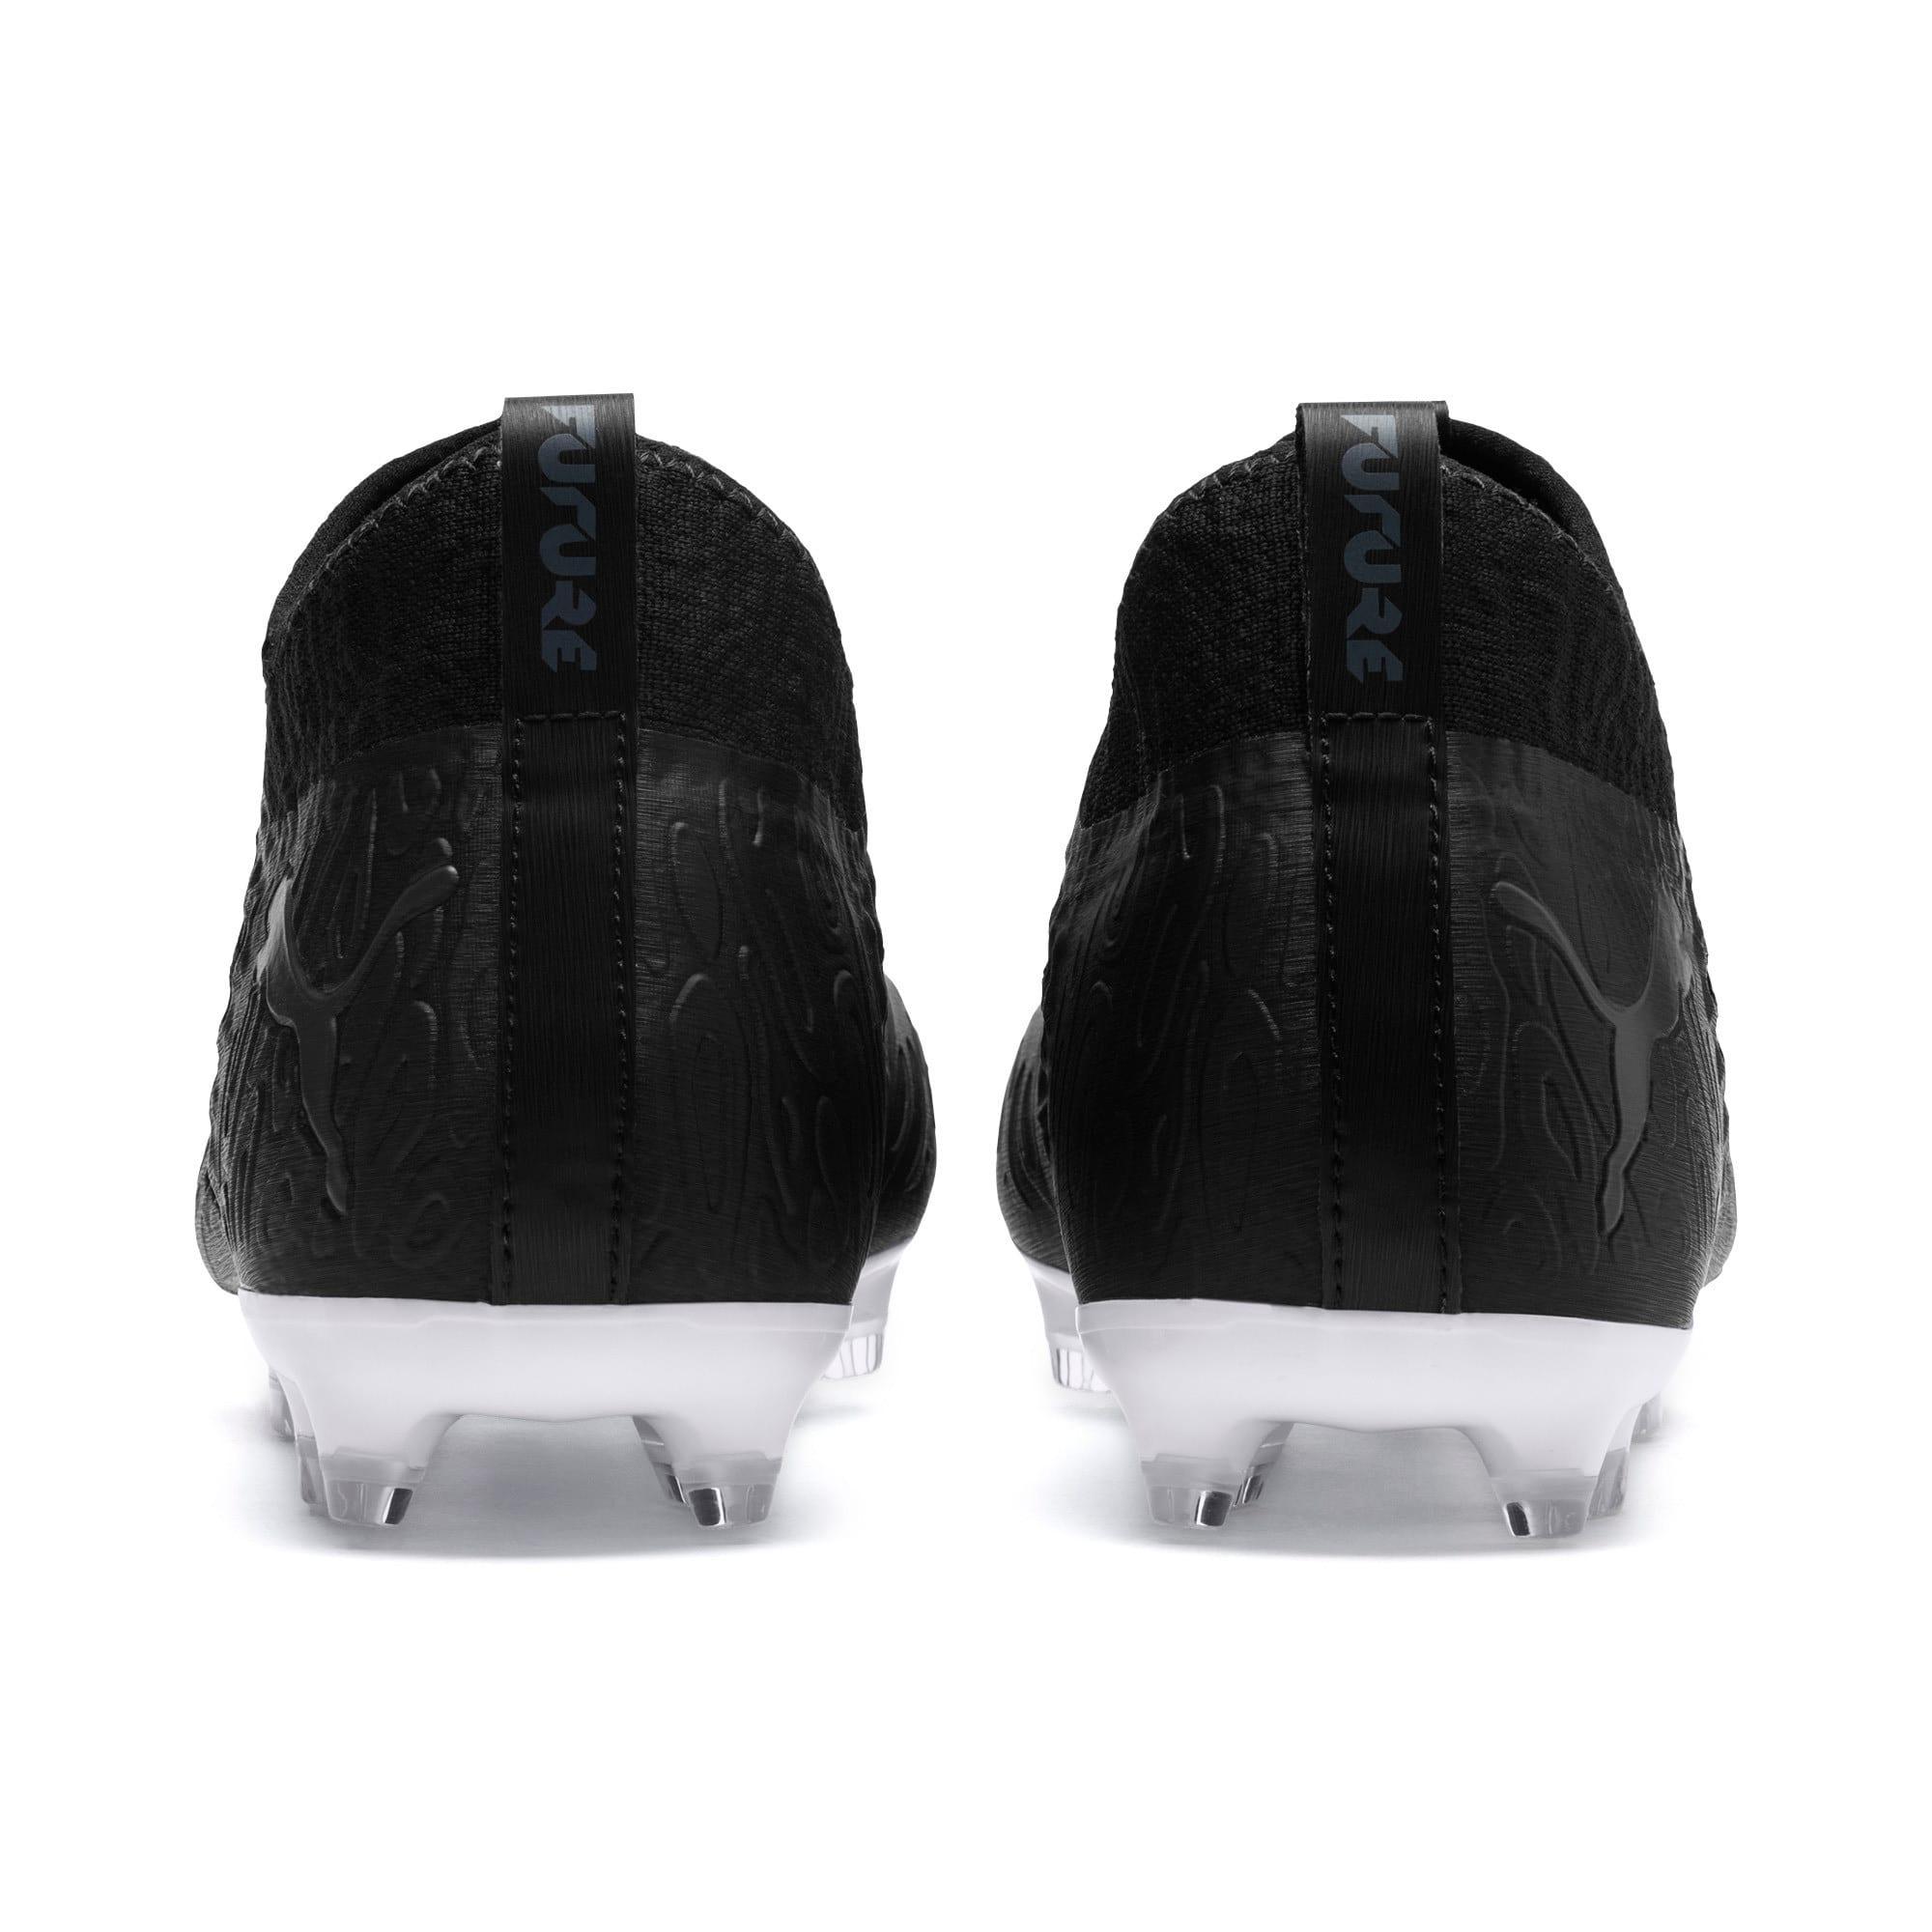 Thumbnail 3 of FUTURE 19.3 NETFIT FG/AG Men's Soccer Cleats, Puma Black-Puma Black-White, medium